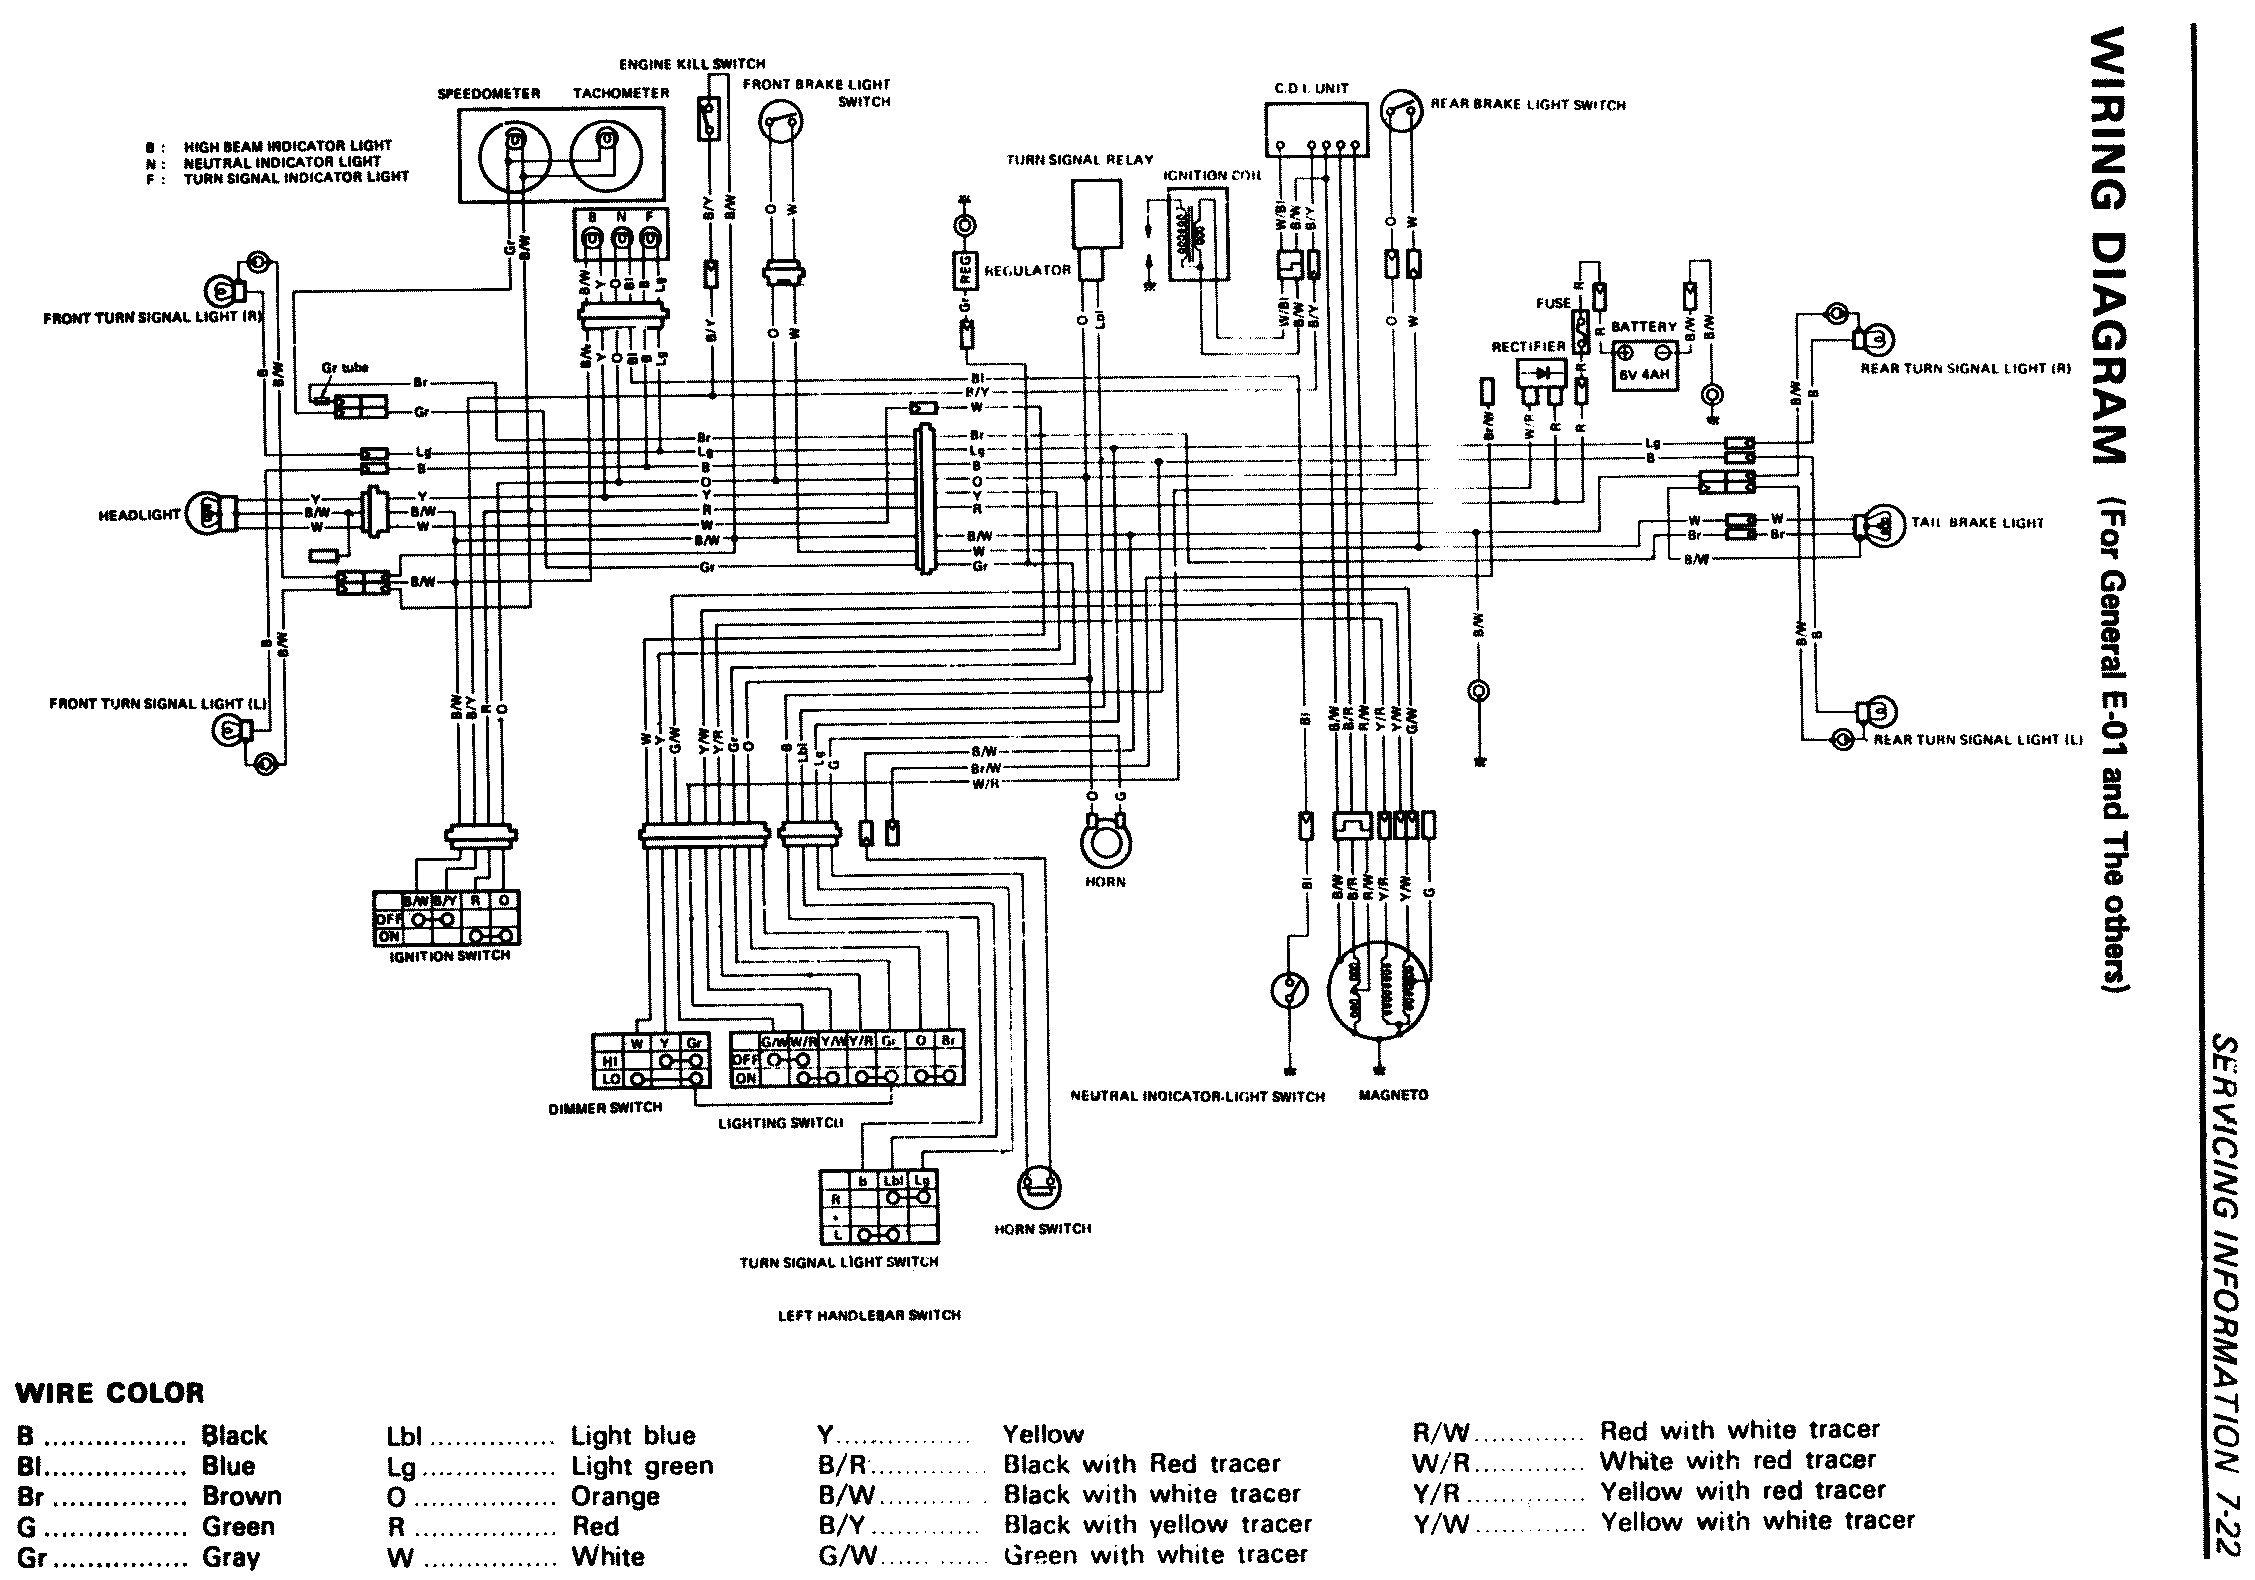 Suzuki Wiring Diagram Motorcycle 1969 Suzuki as50 Wiring Diagram Wiring Diagram Img